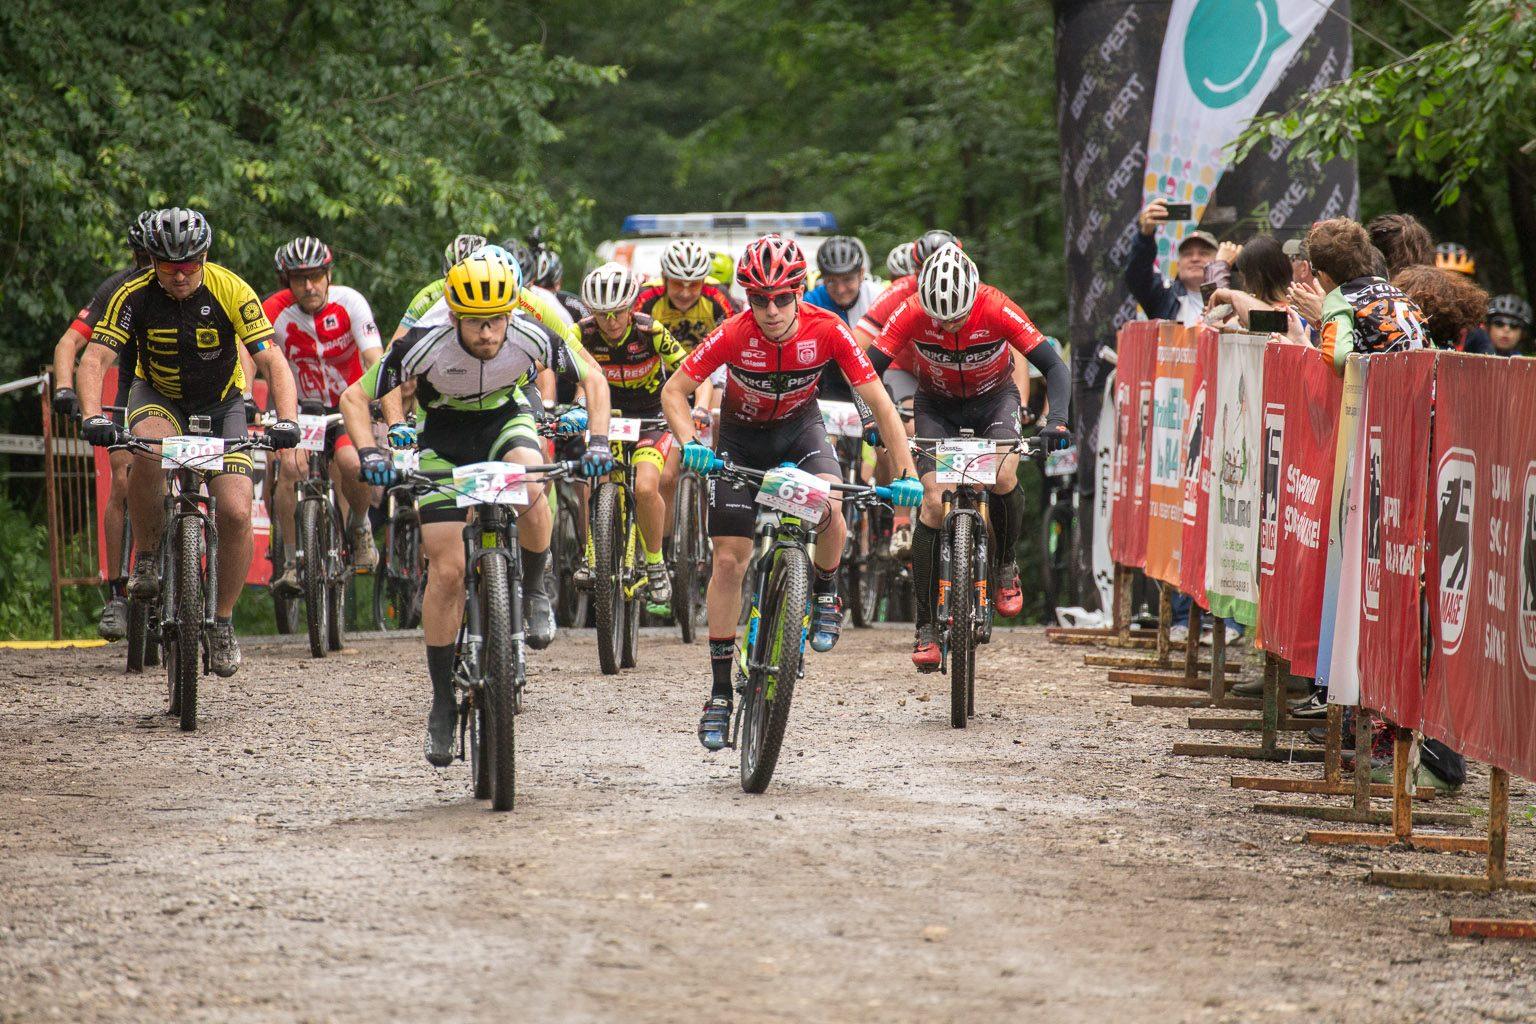 Rocket Bike Fest 2019 – 4